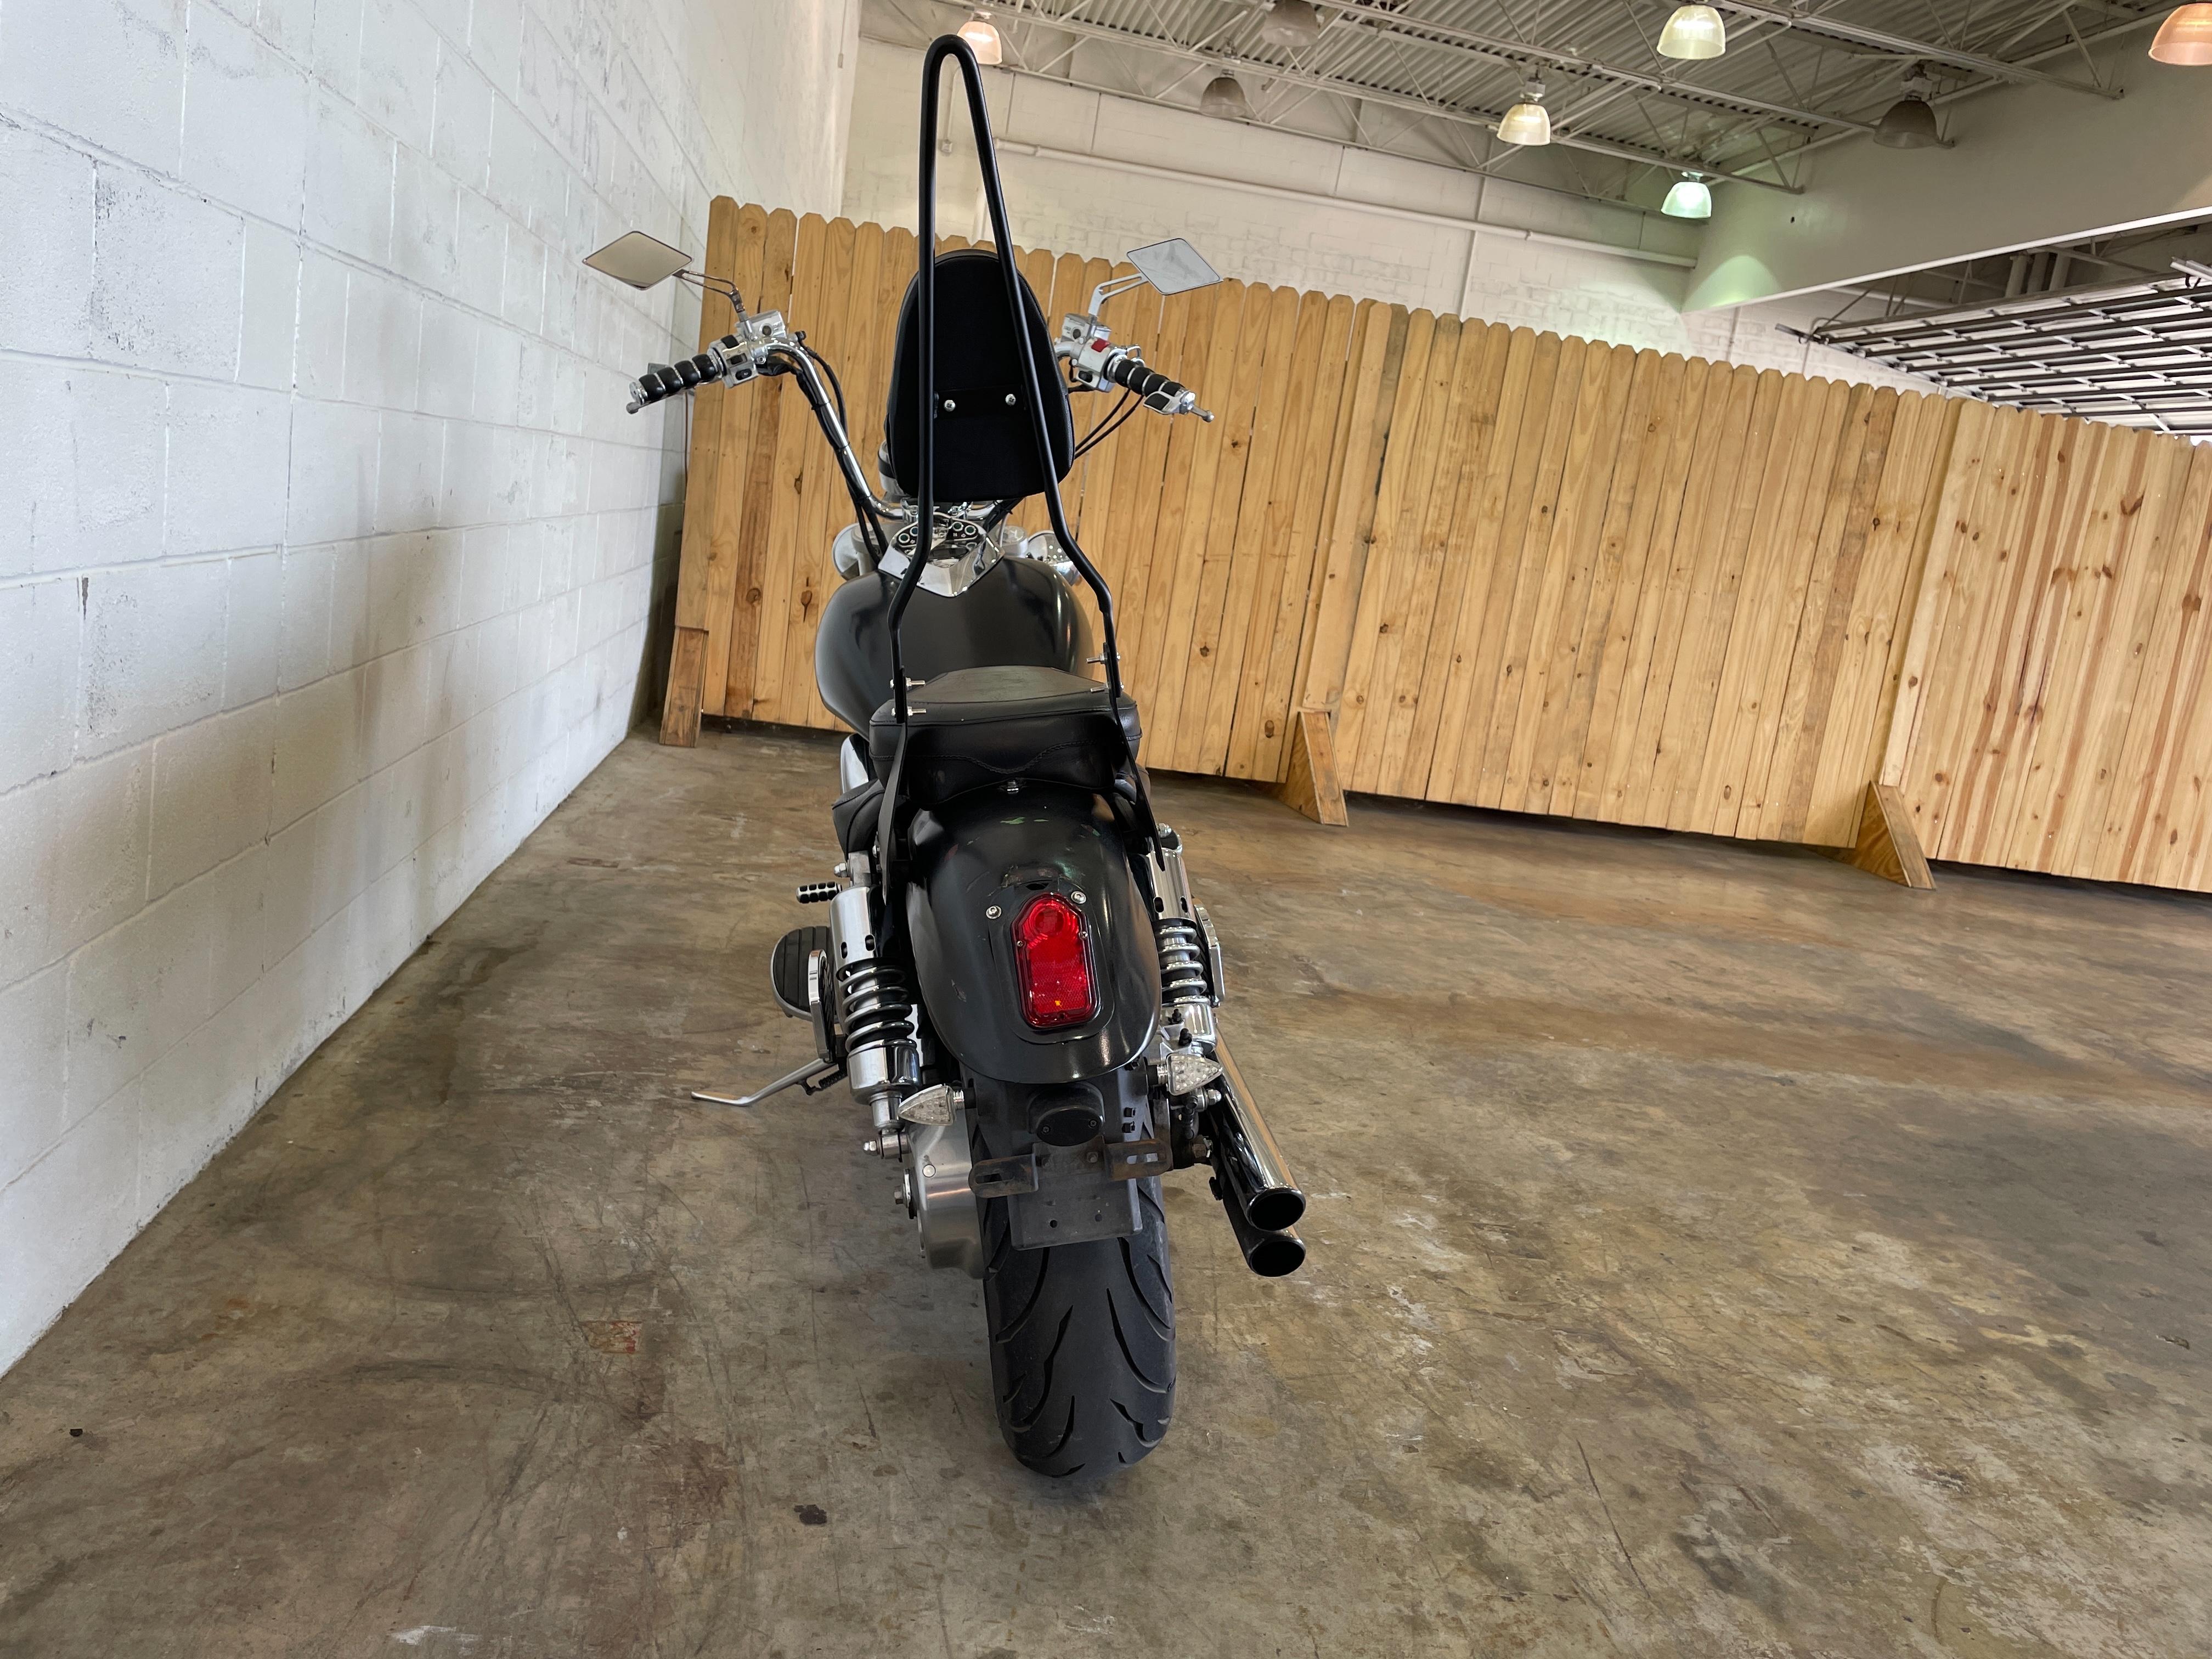 2008 Kawasaki Vulcan 1600 Mean Streak at Twisted Cycles